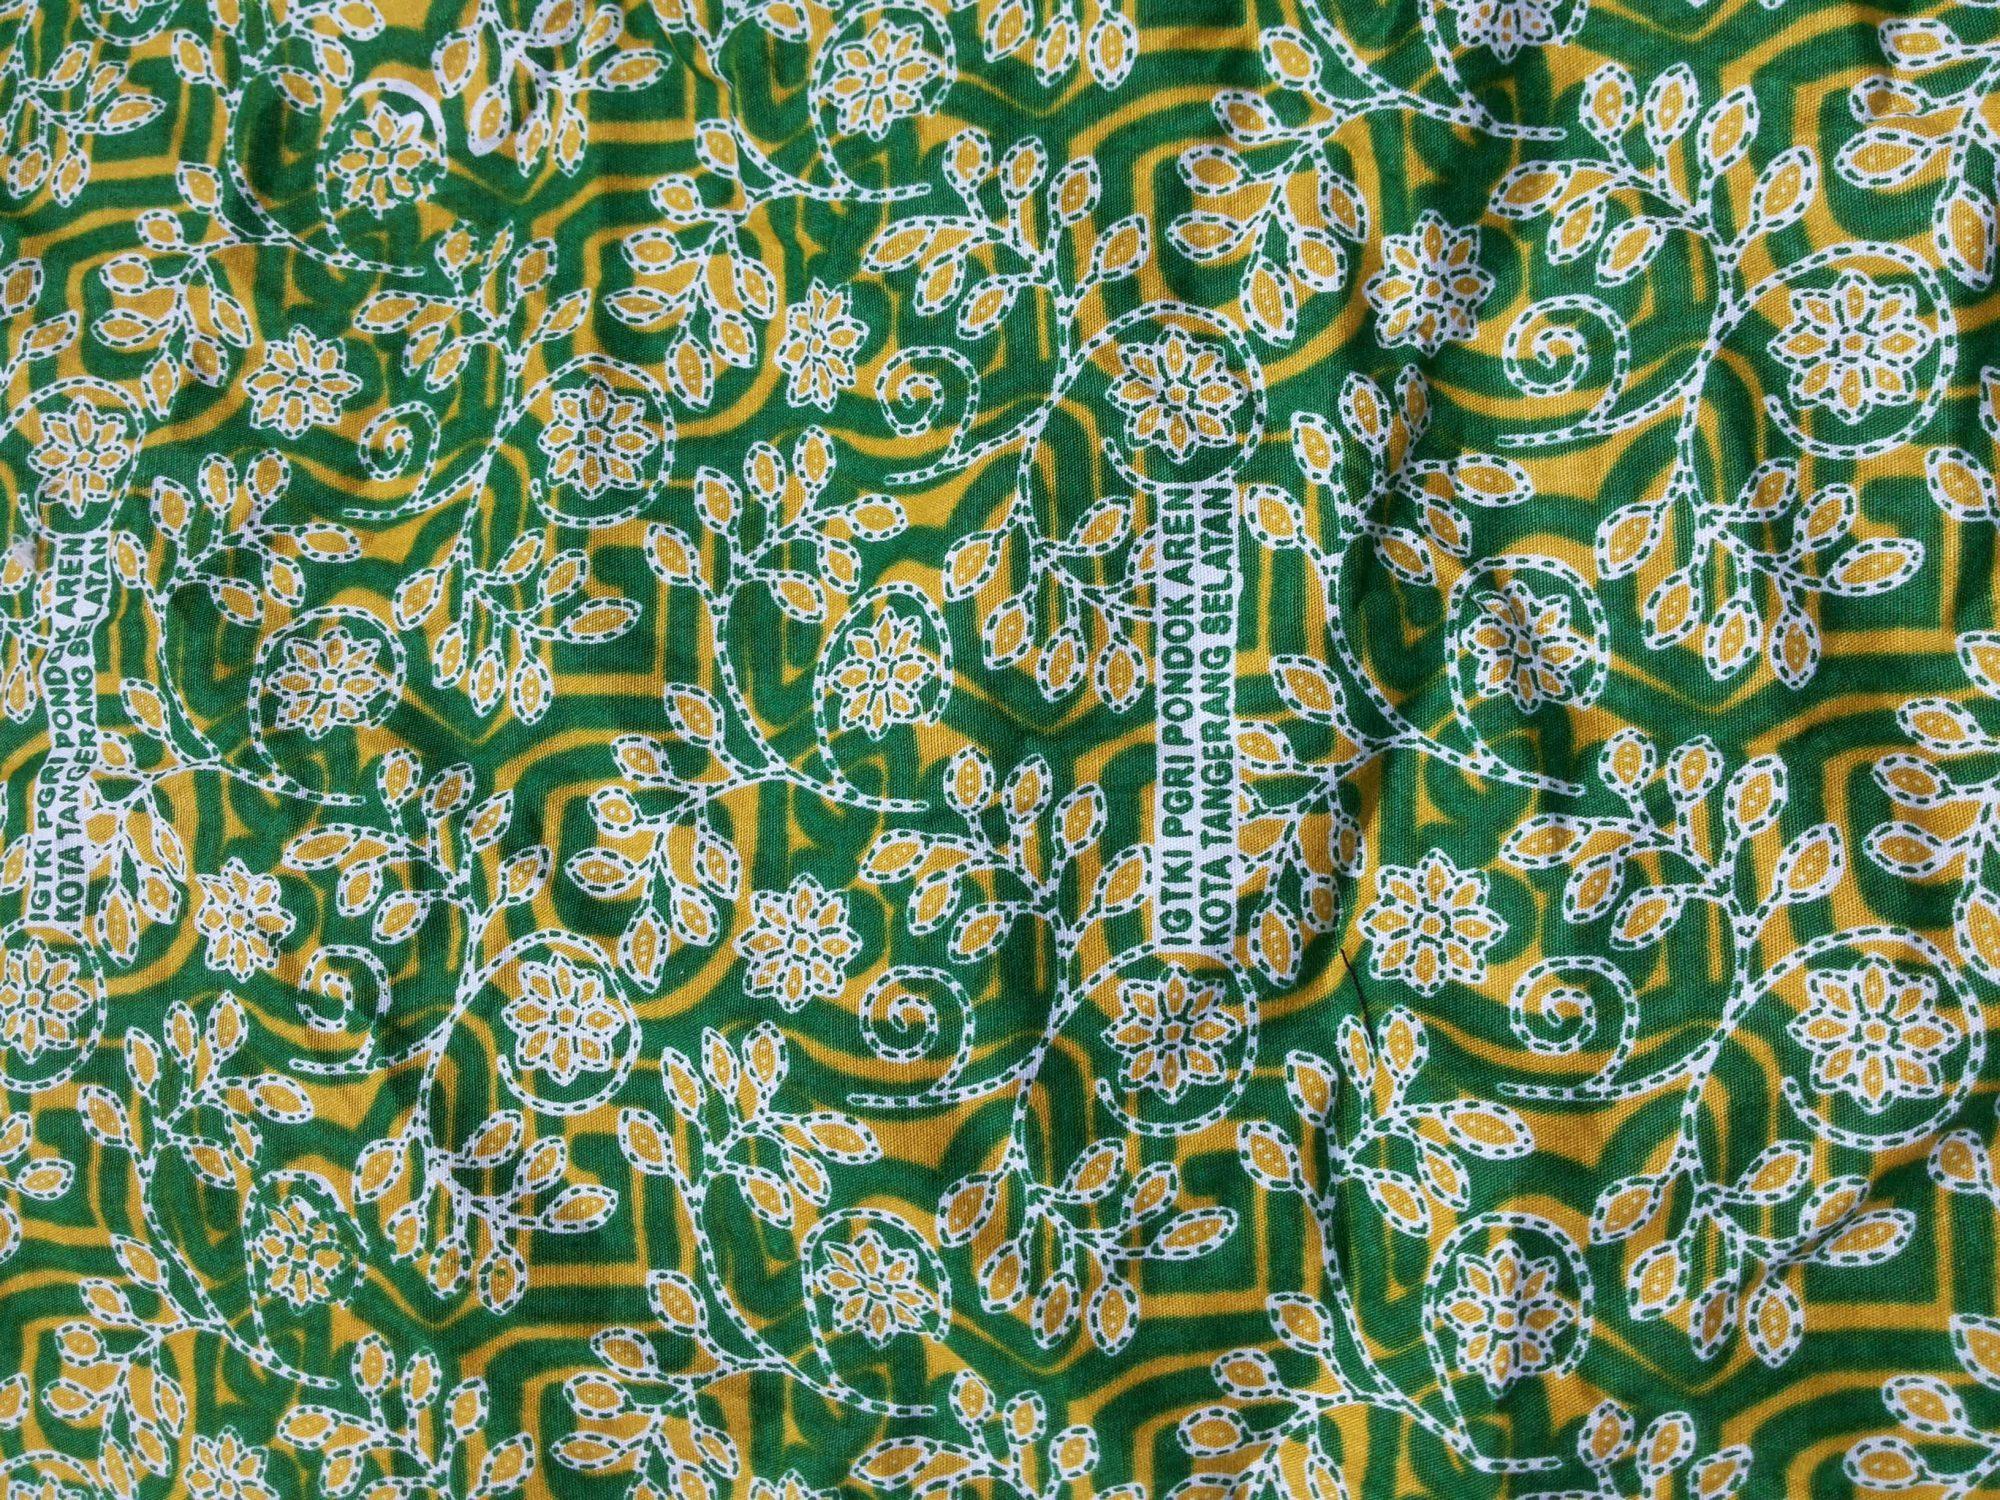 Jasa Pembuatan Seragam Batik Jakarta Barat